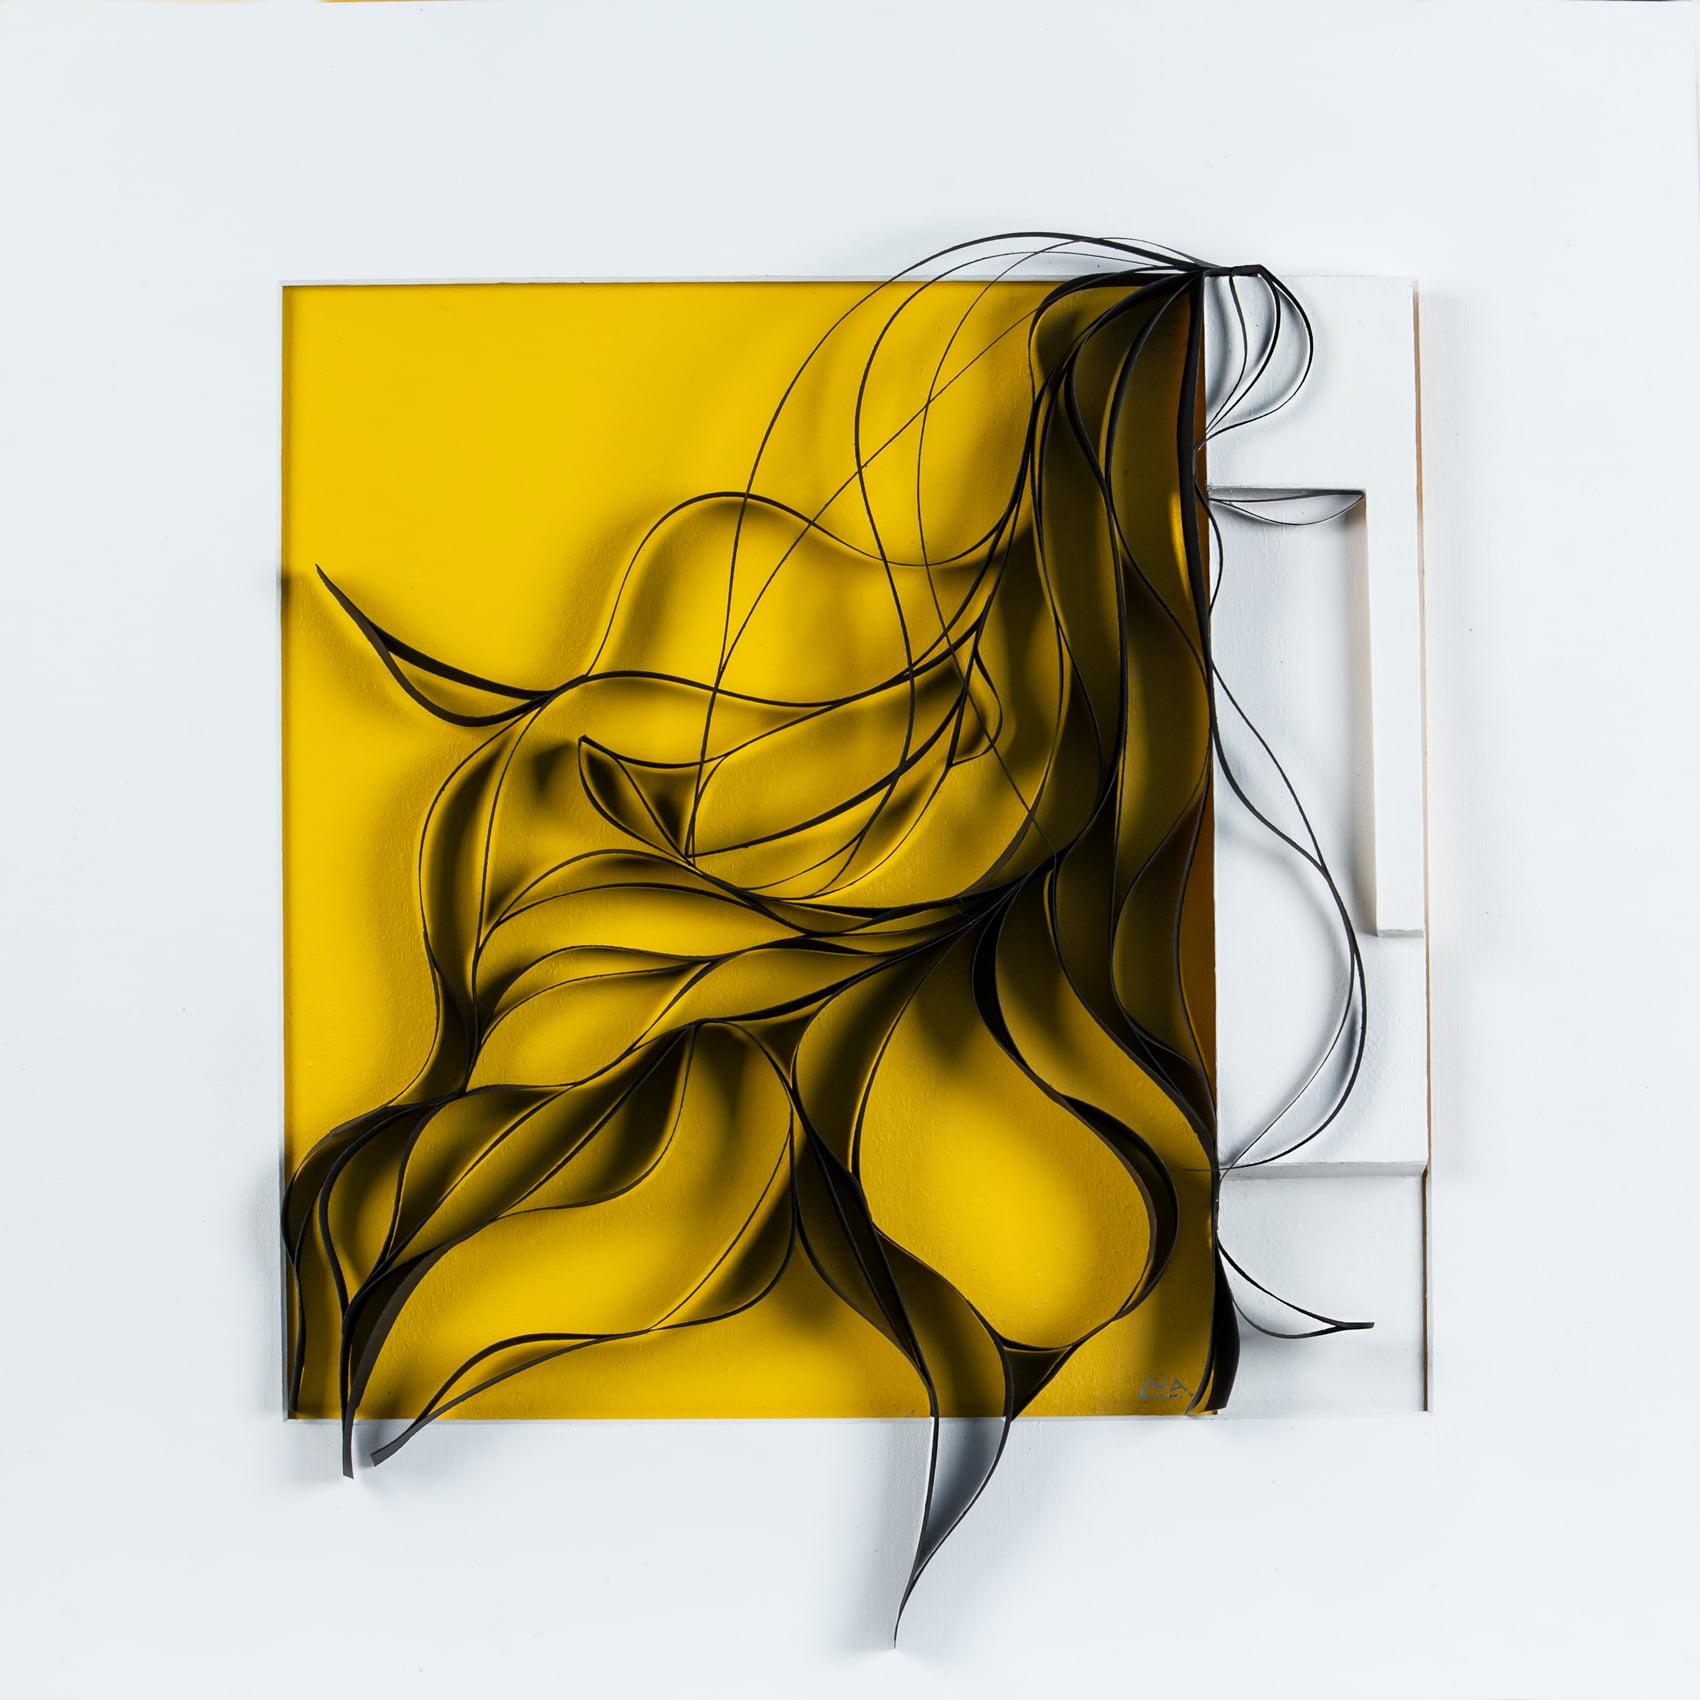 Nanou Autin, Volumes, Carré Jaune, Papier courbé, acrylique 52x52 cm – 2019